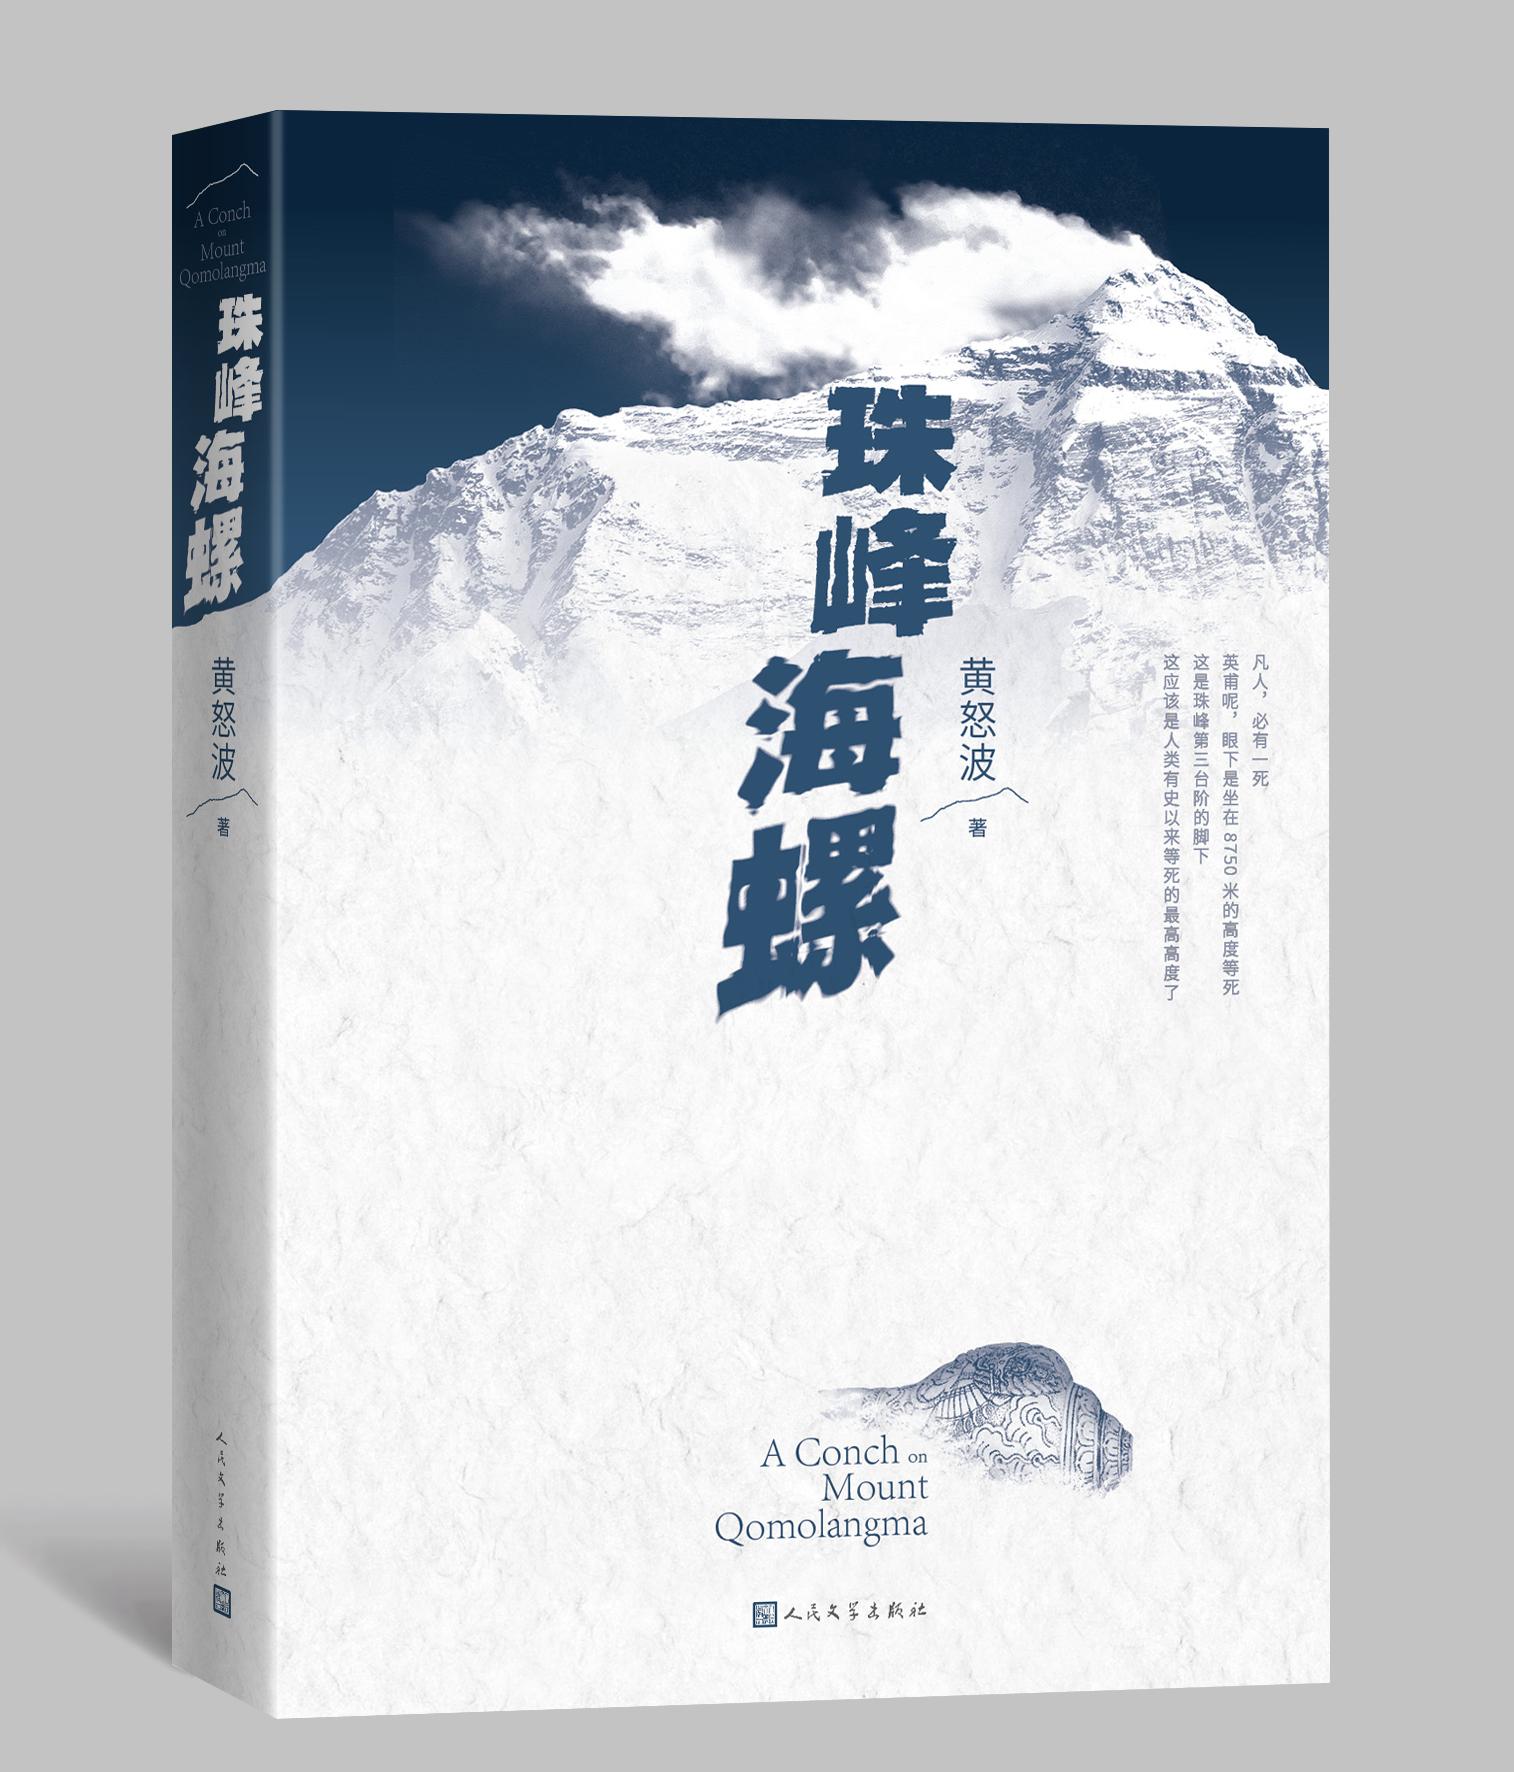 黄怒波长篇小说《珠峰海螺》出版,十年磨砺致敬珠峰新高度-出版人杂志官网